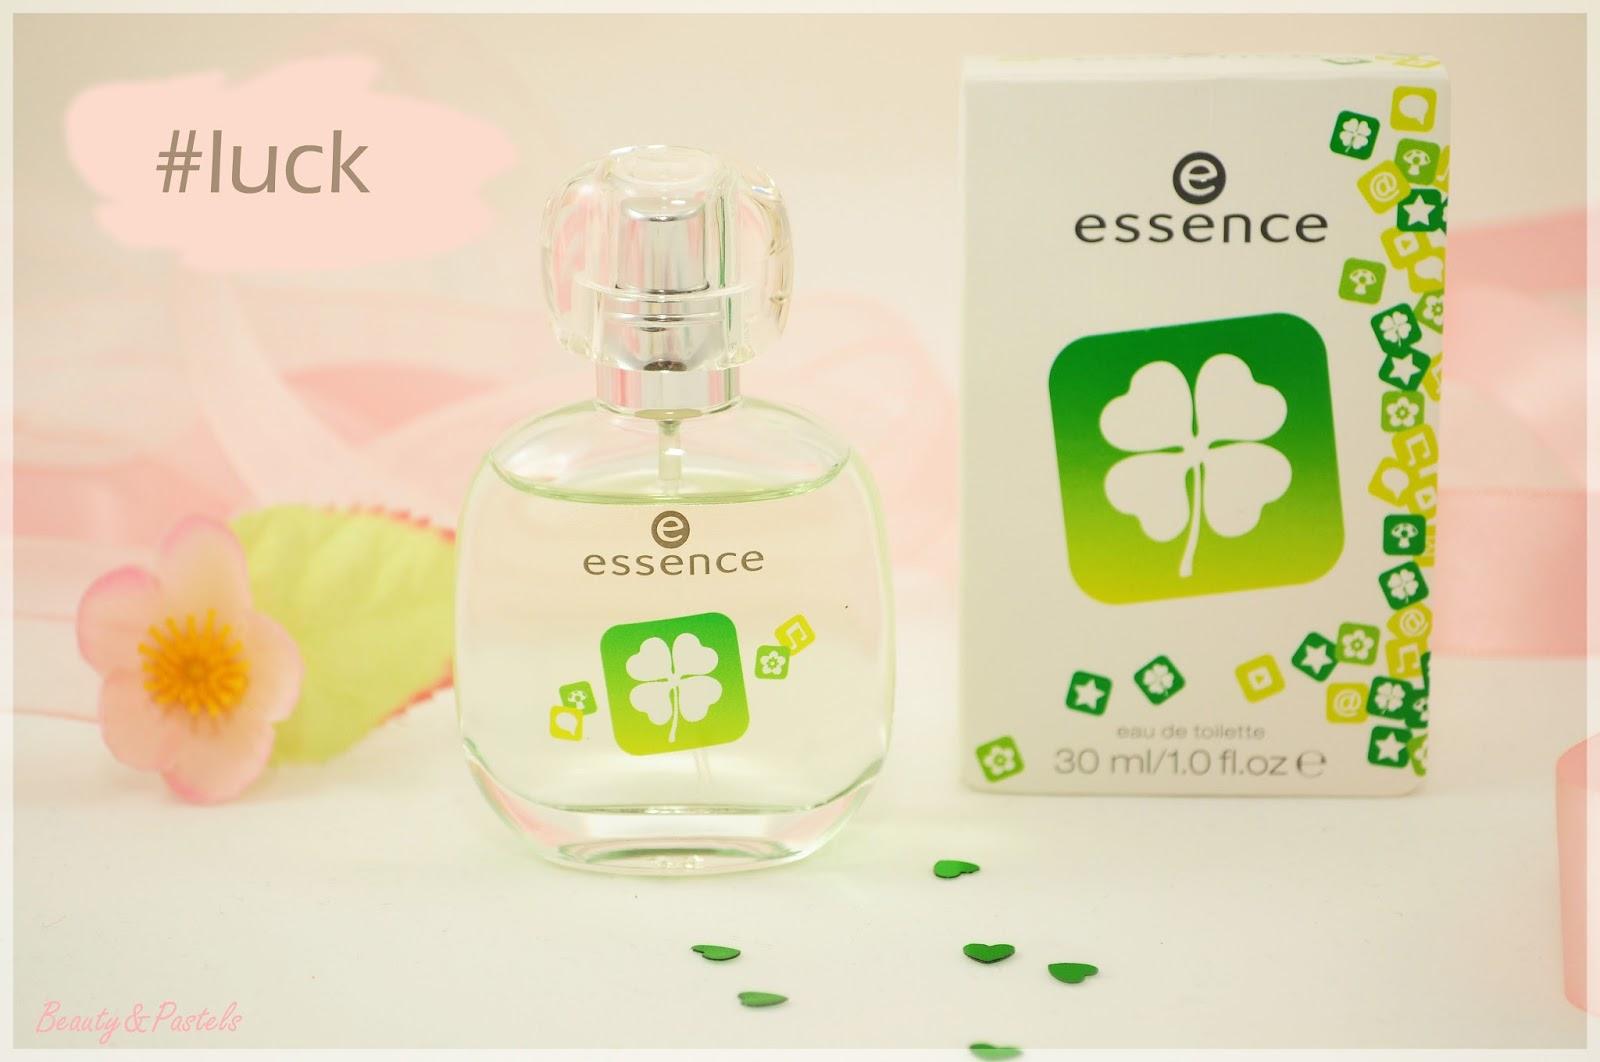 essence-Duft-luck